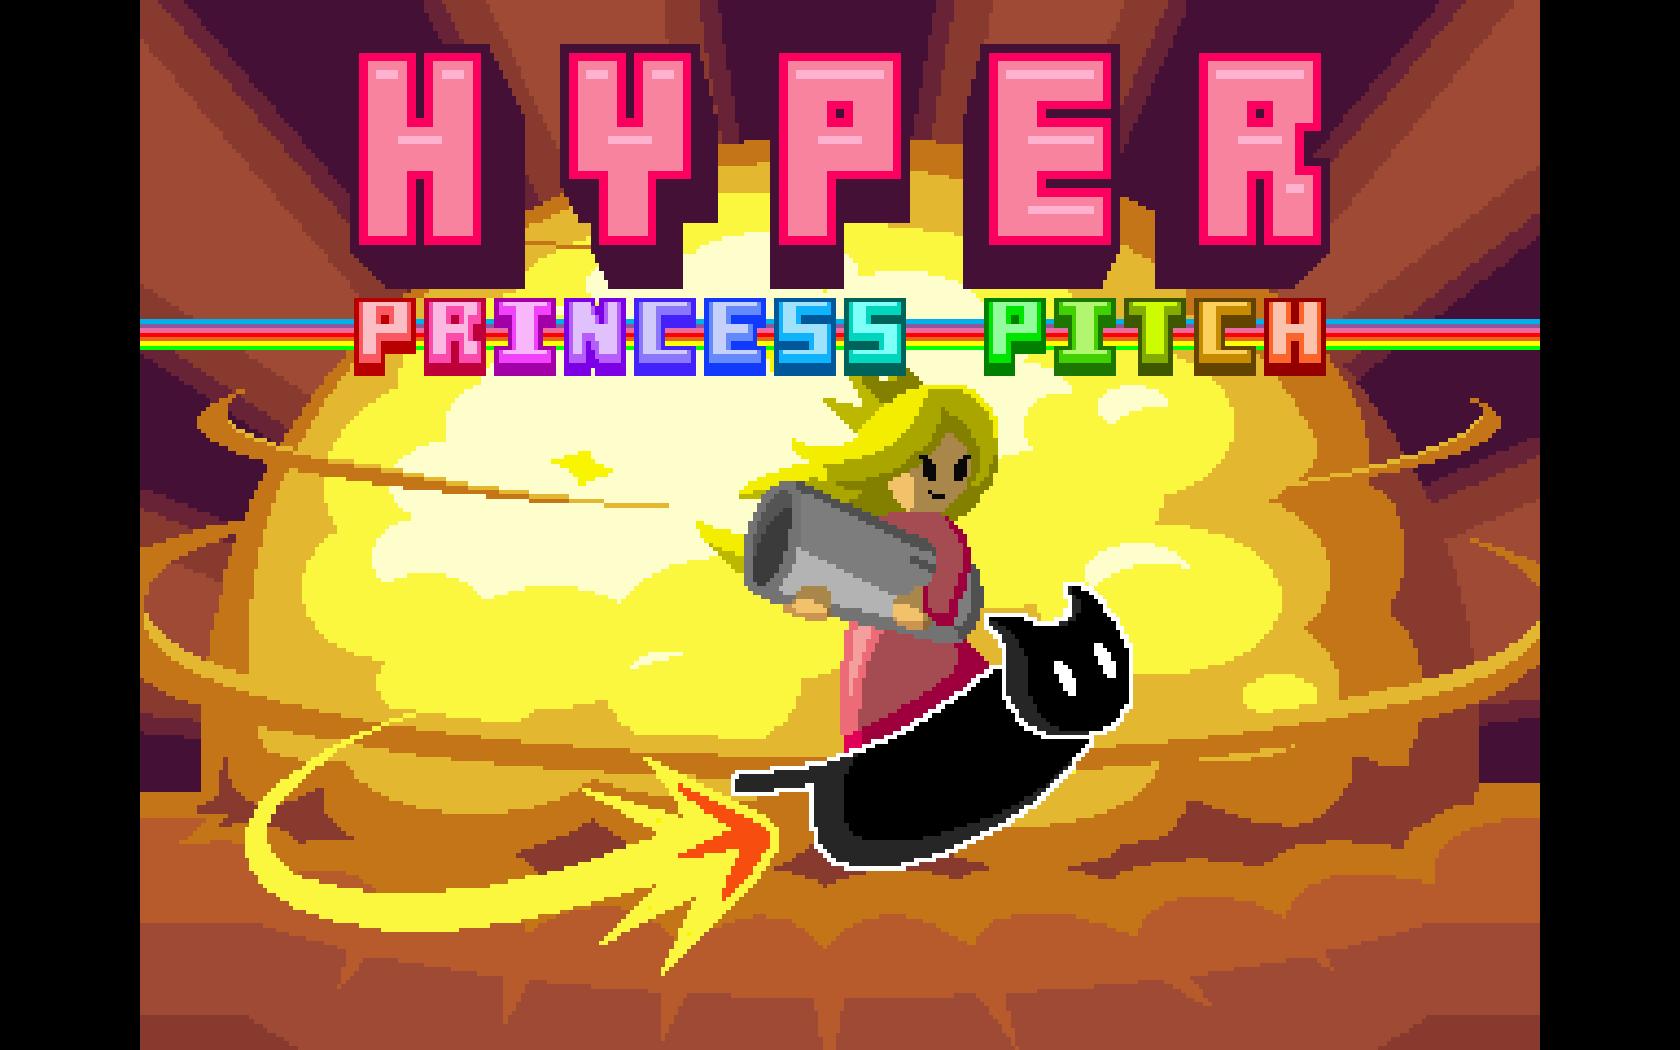 HyperPrincessPitch